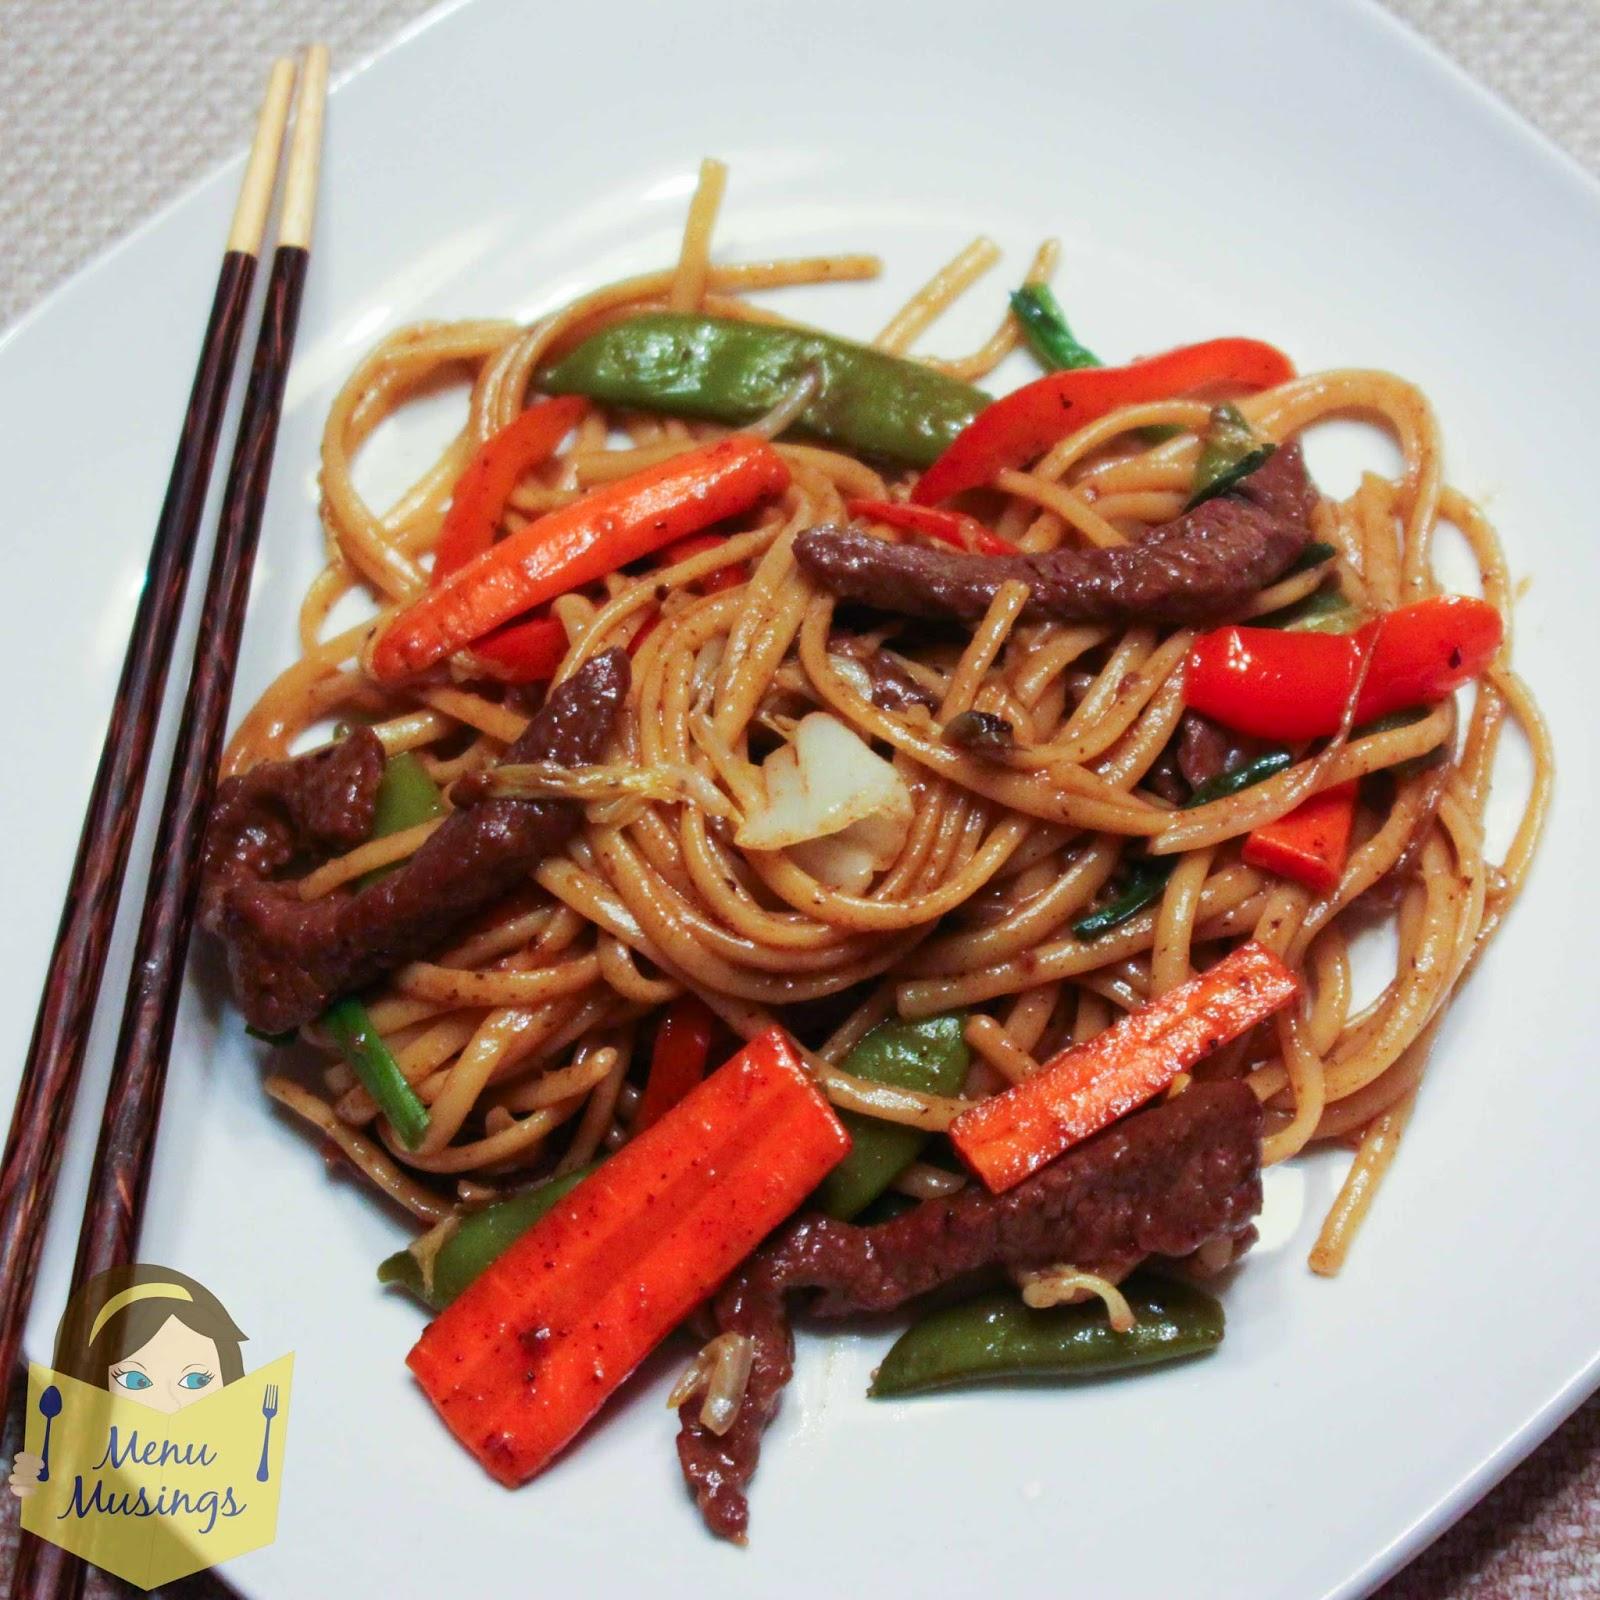 Easy Beef Lo Mein @ menumusings.com